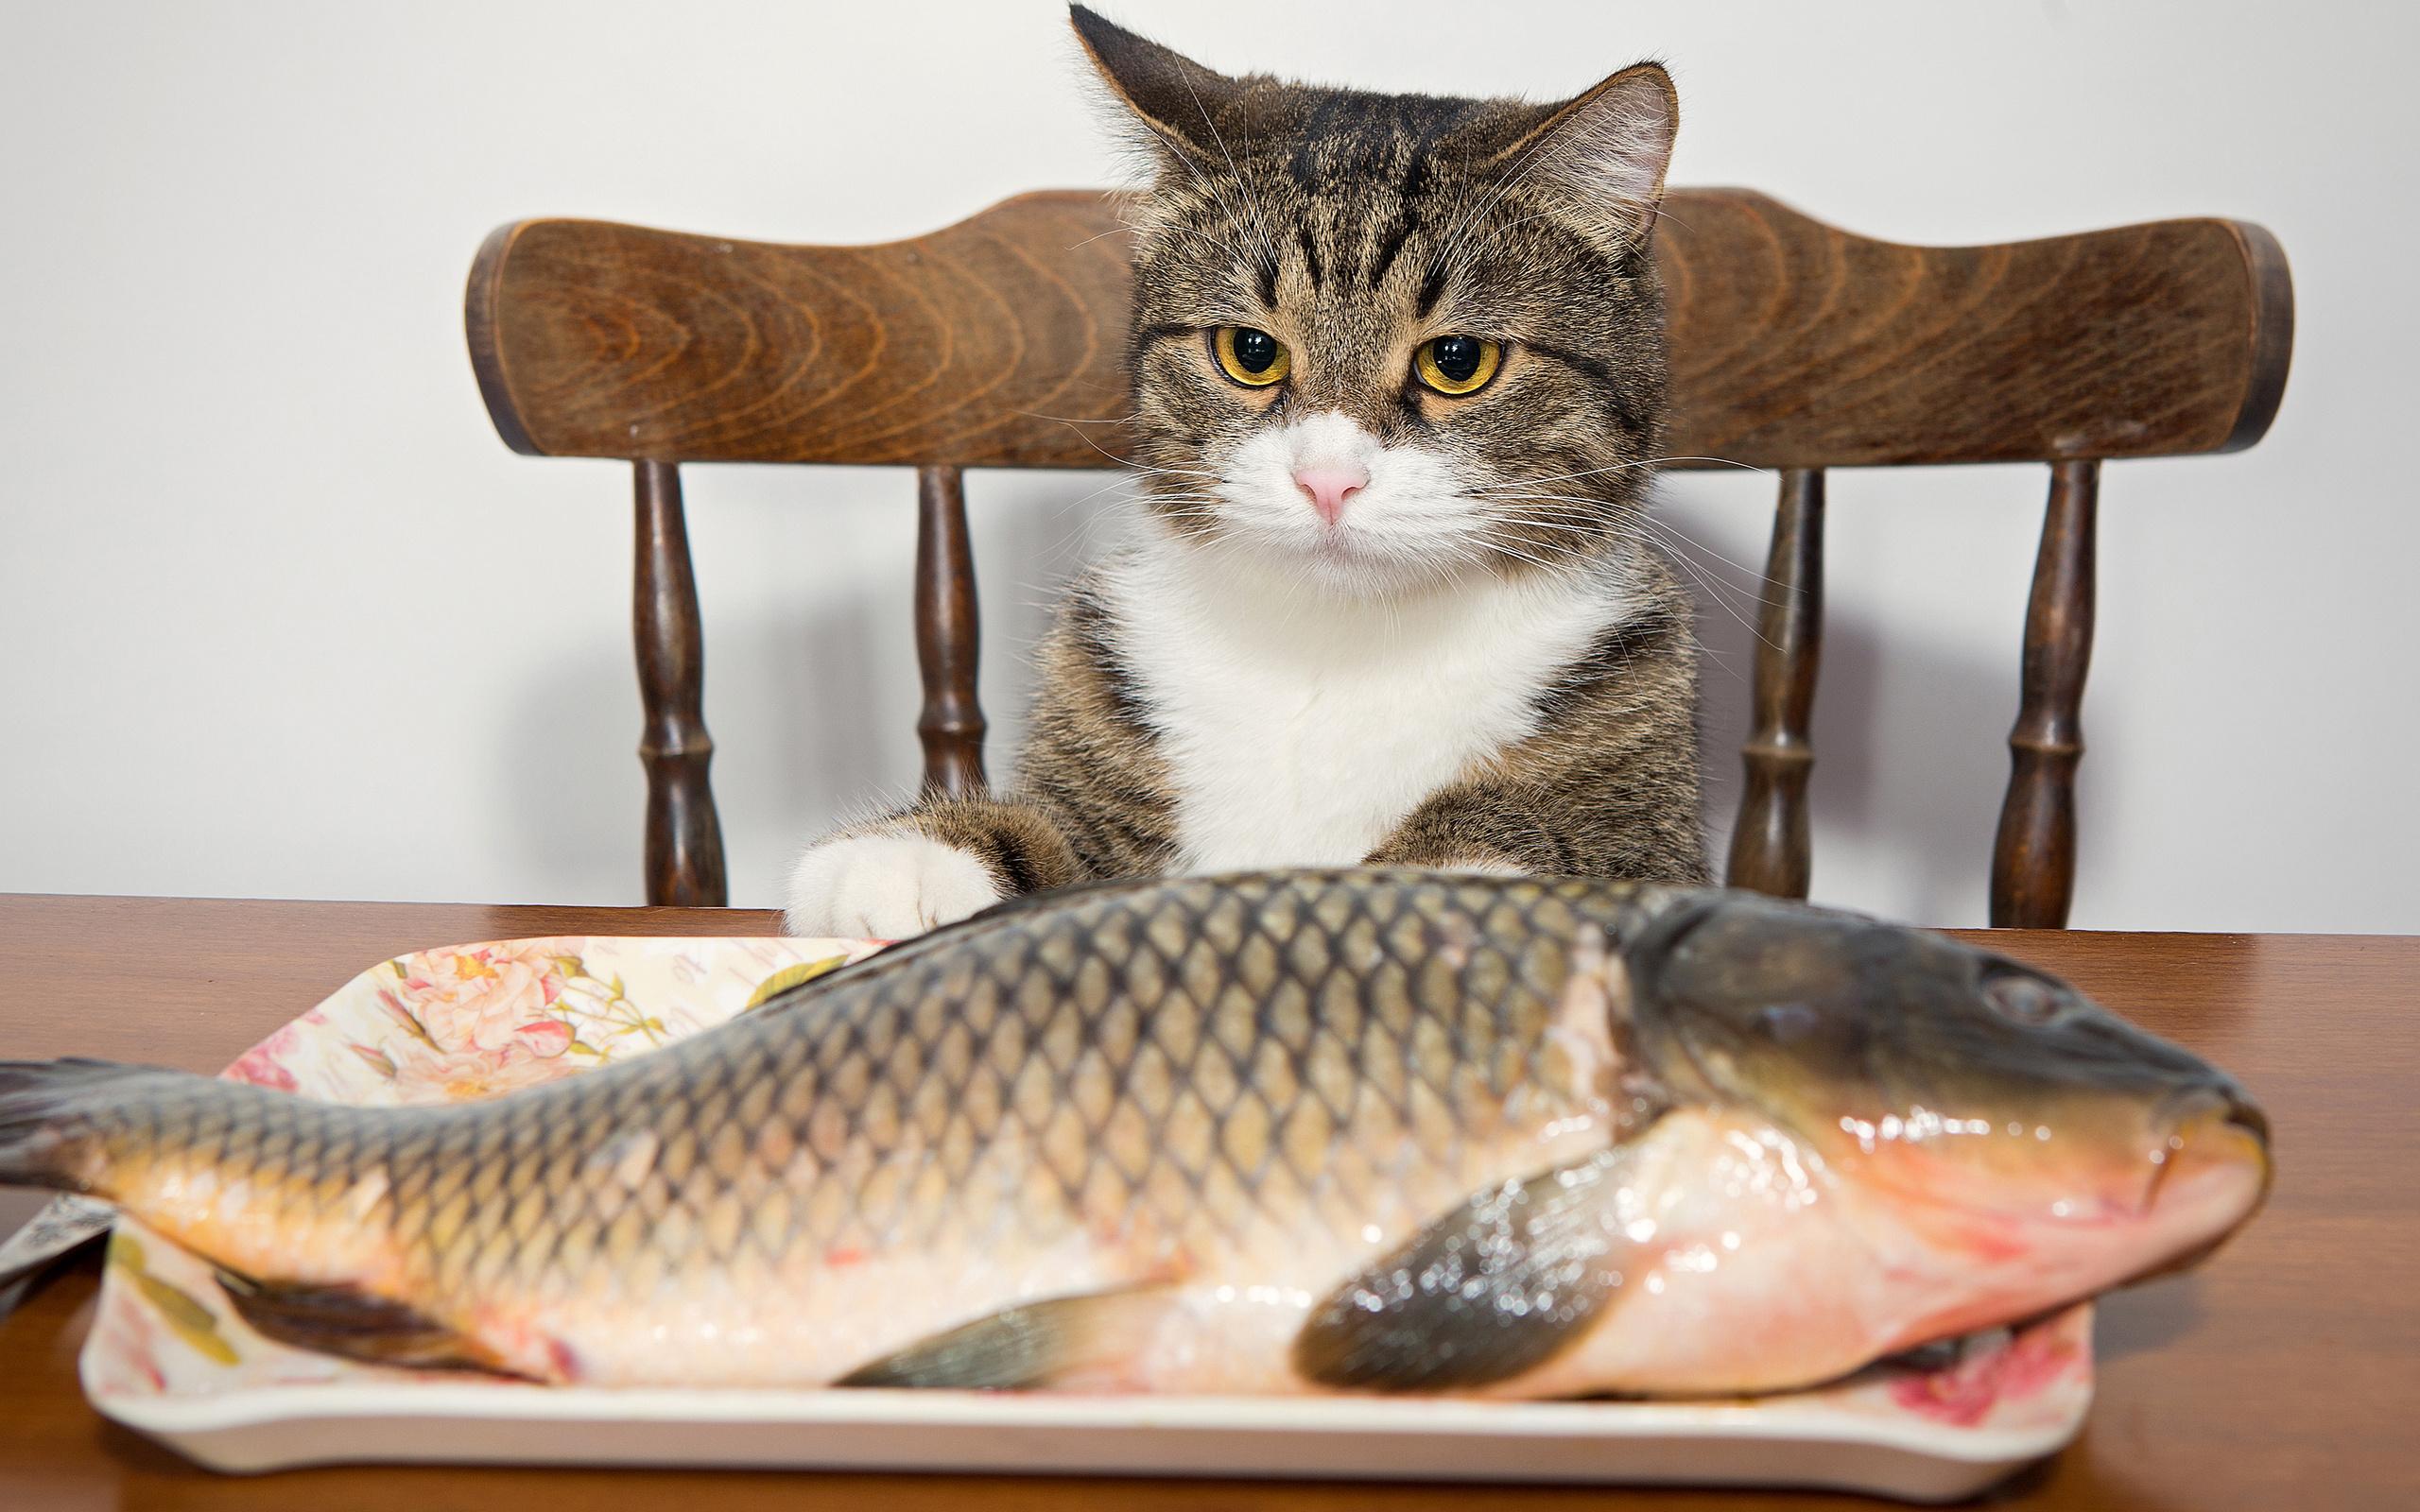 вам картинки люблю рыбку кушать недавно его